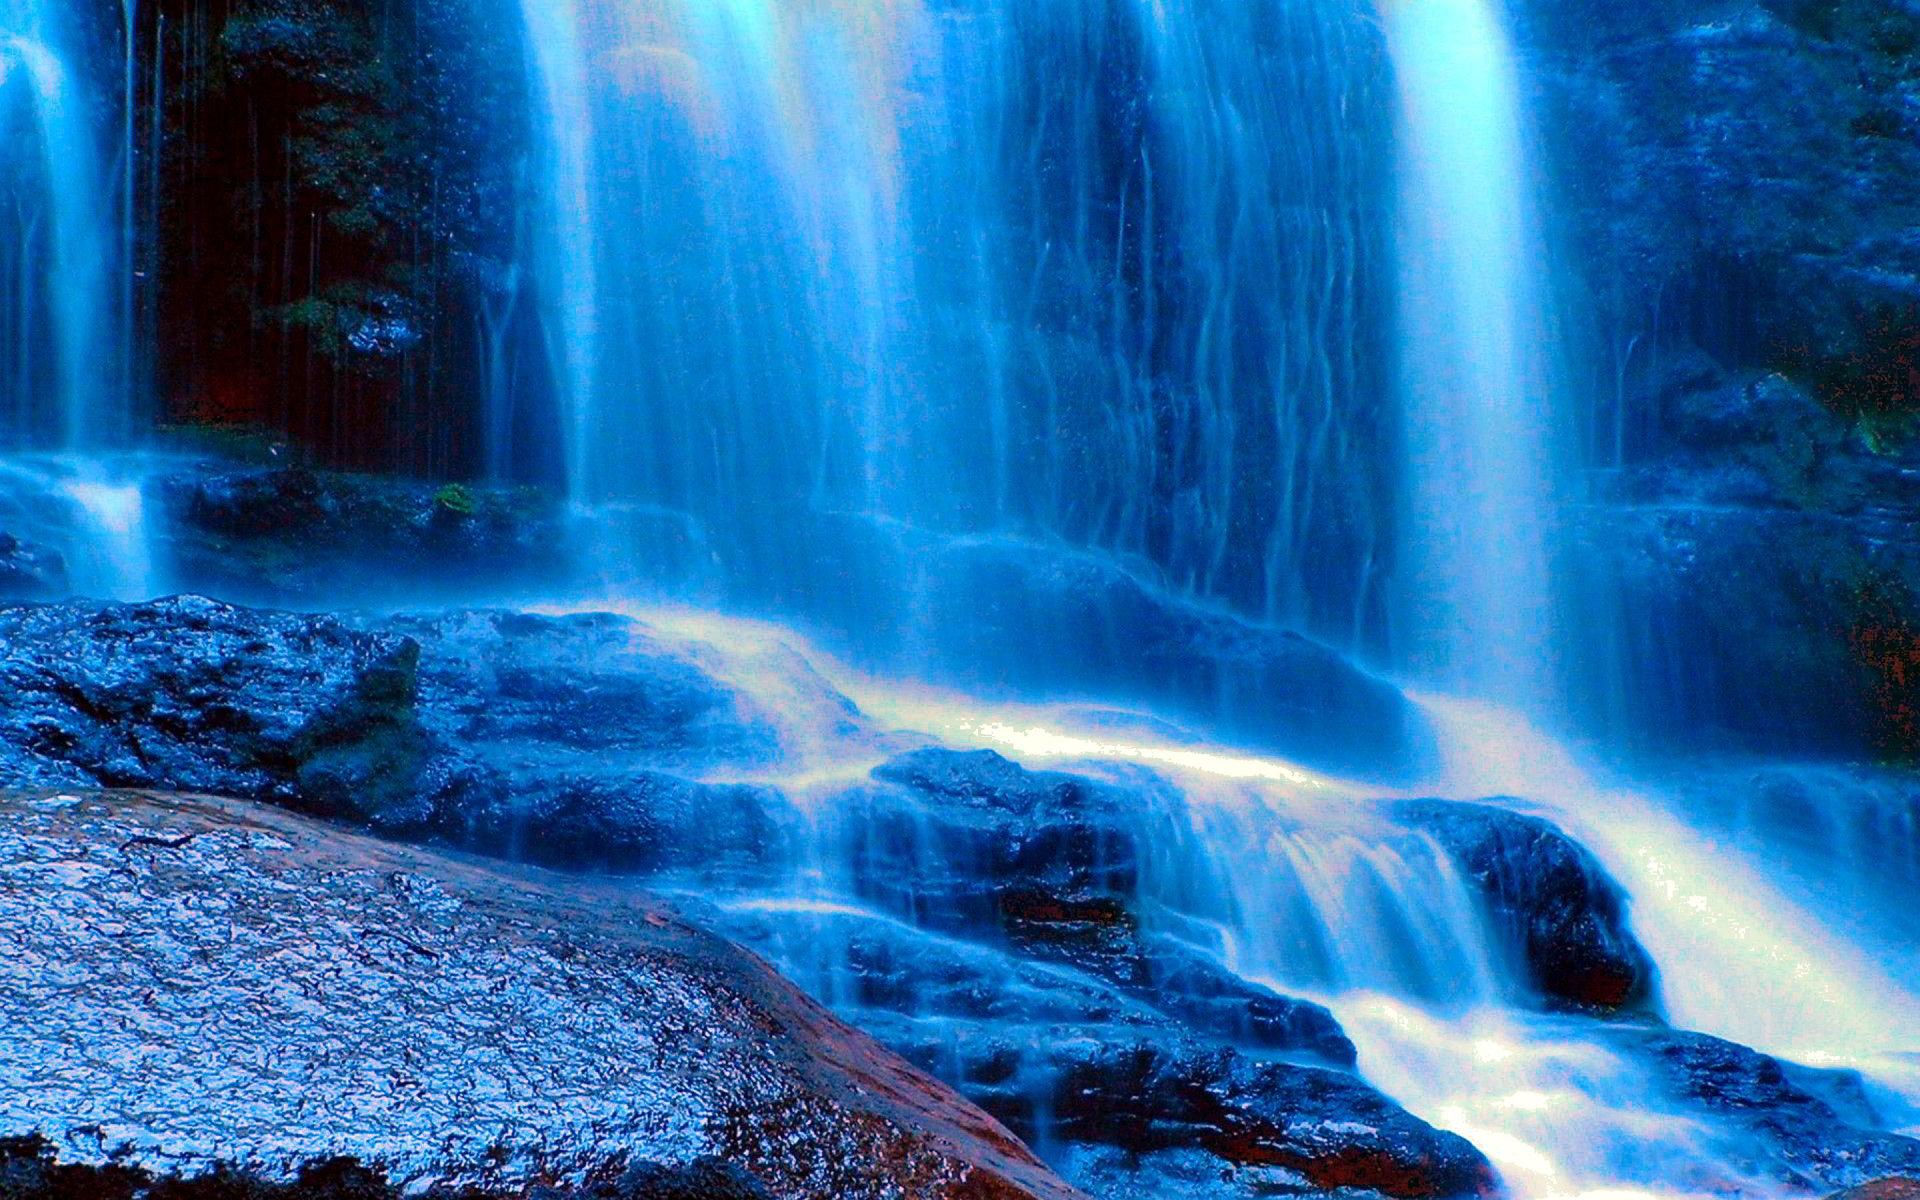 Hình ảnh thác nước